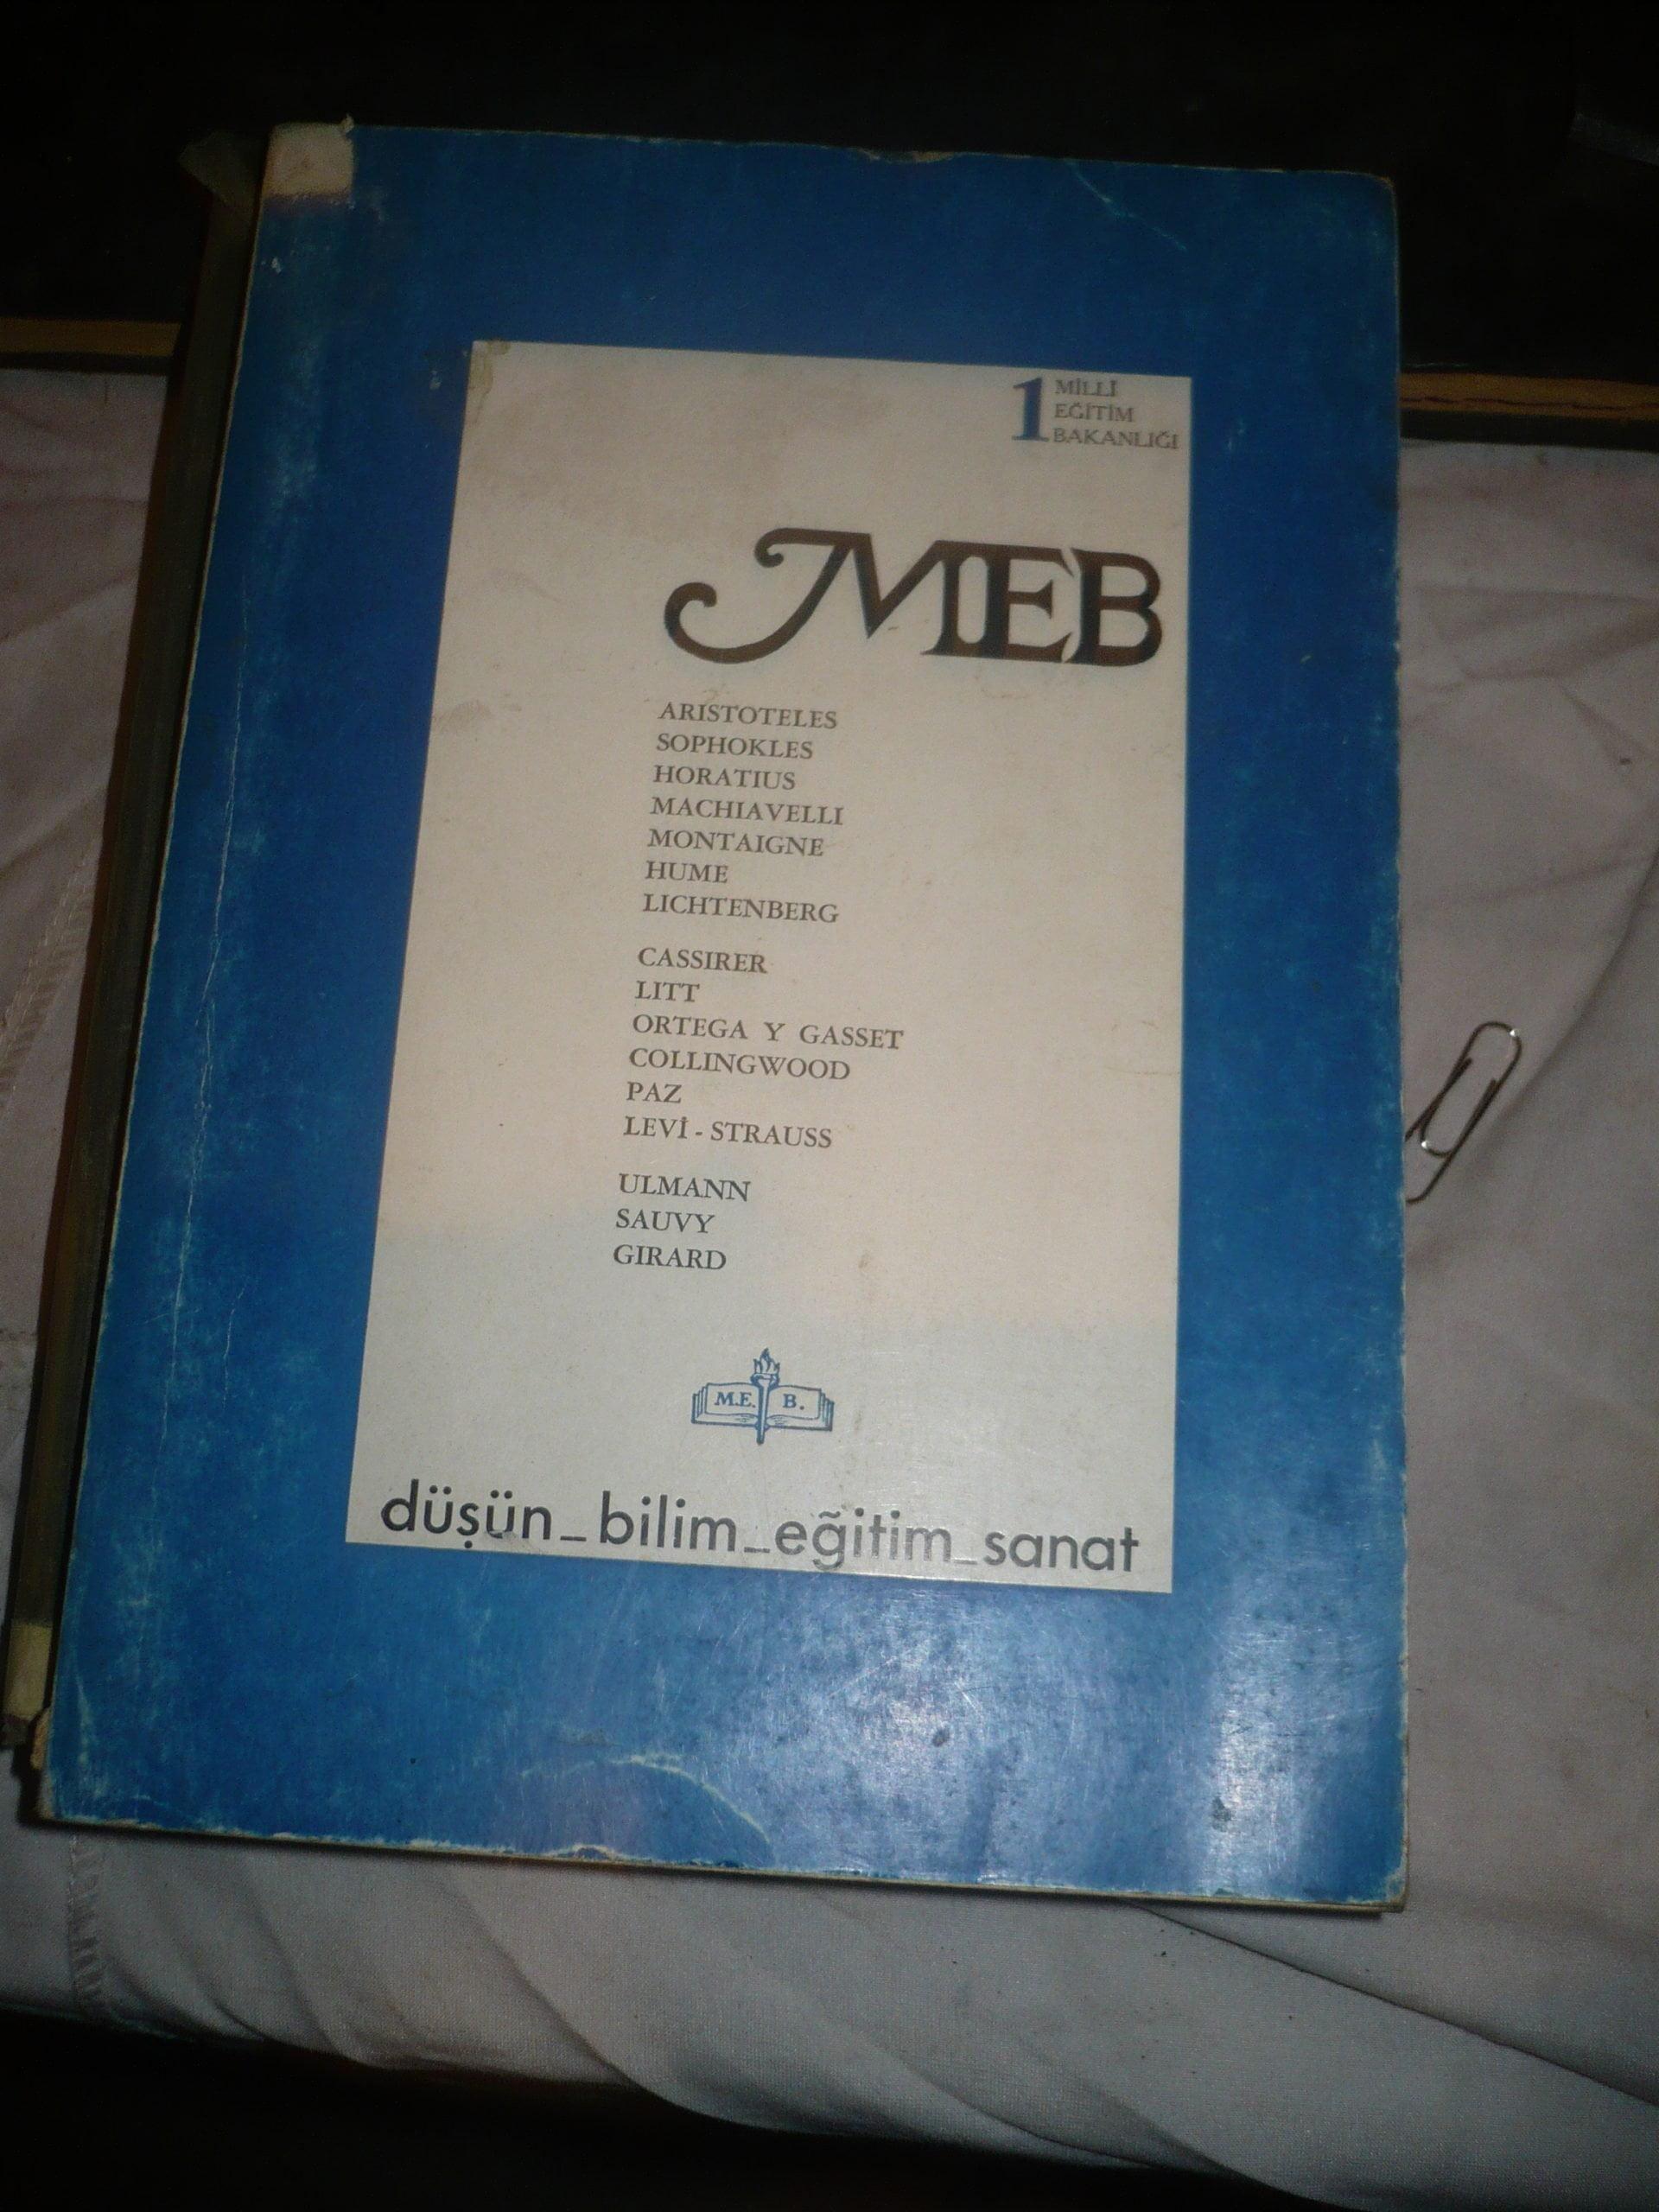 MEB (Düşün-bilim-eğitim-sanat)sayı 1/ Yayın yönetmeni:Enis BATUR/ 20 tl